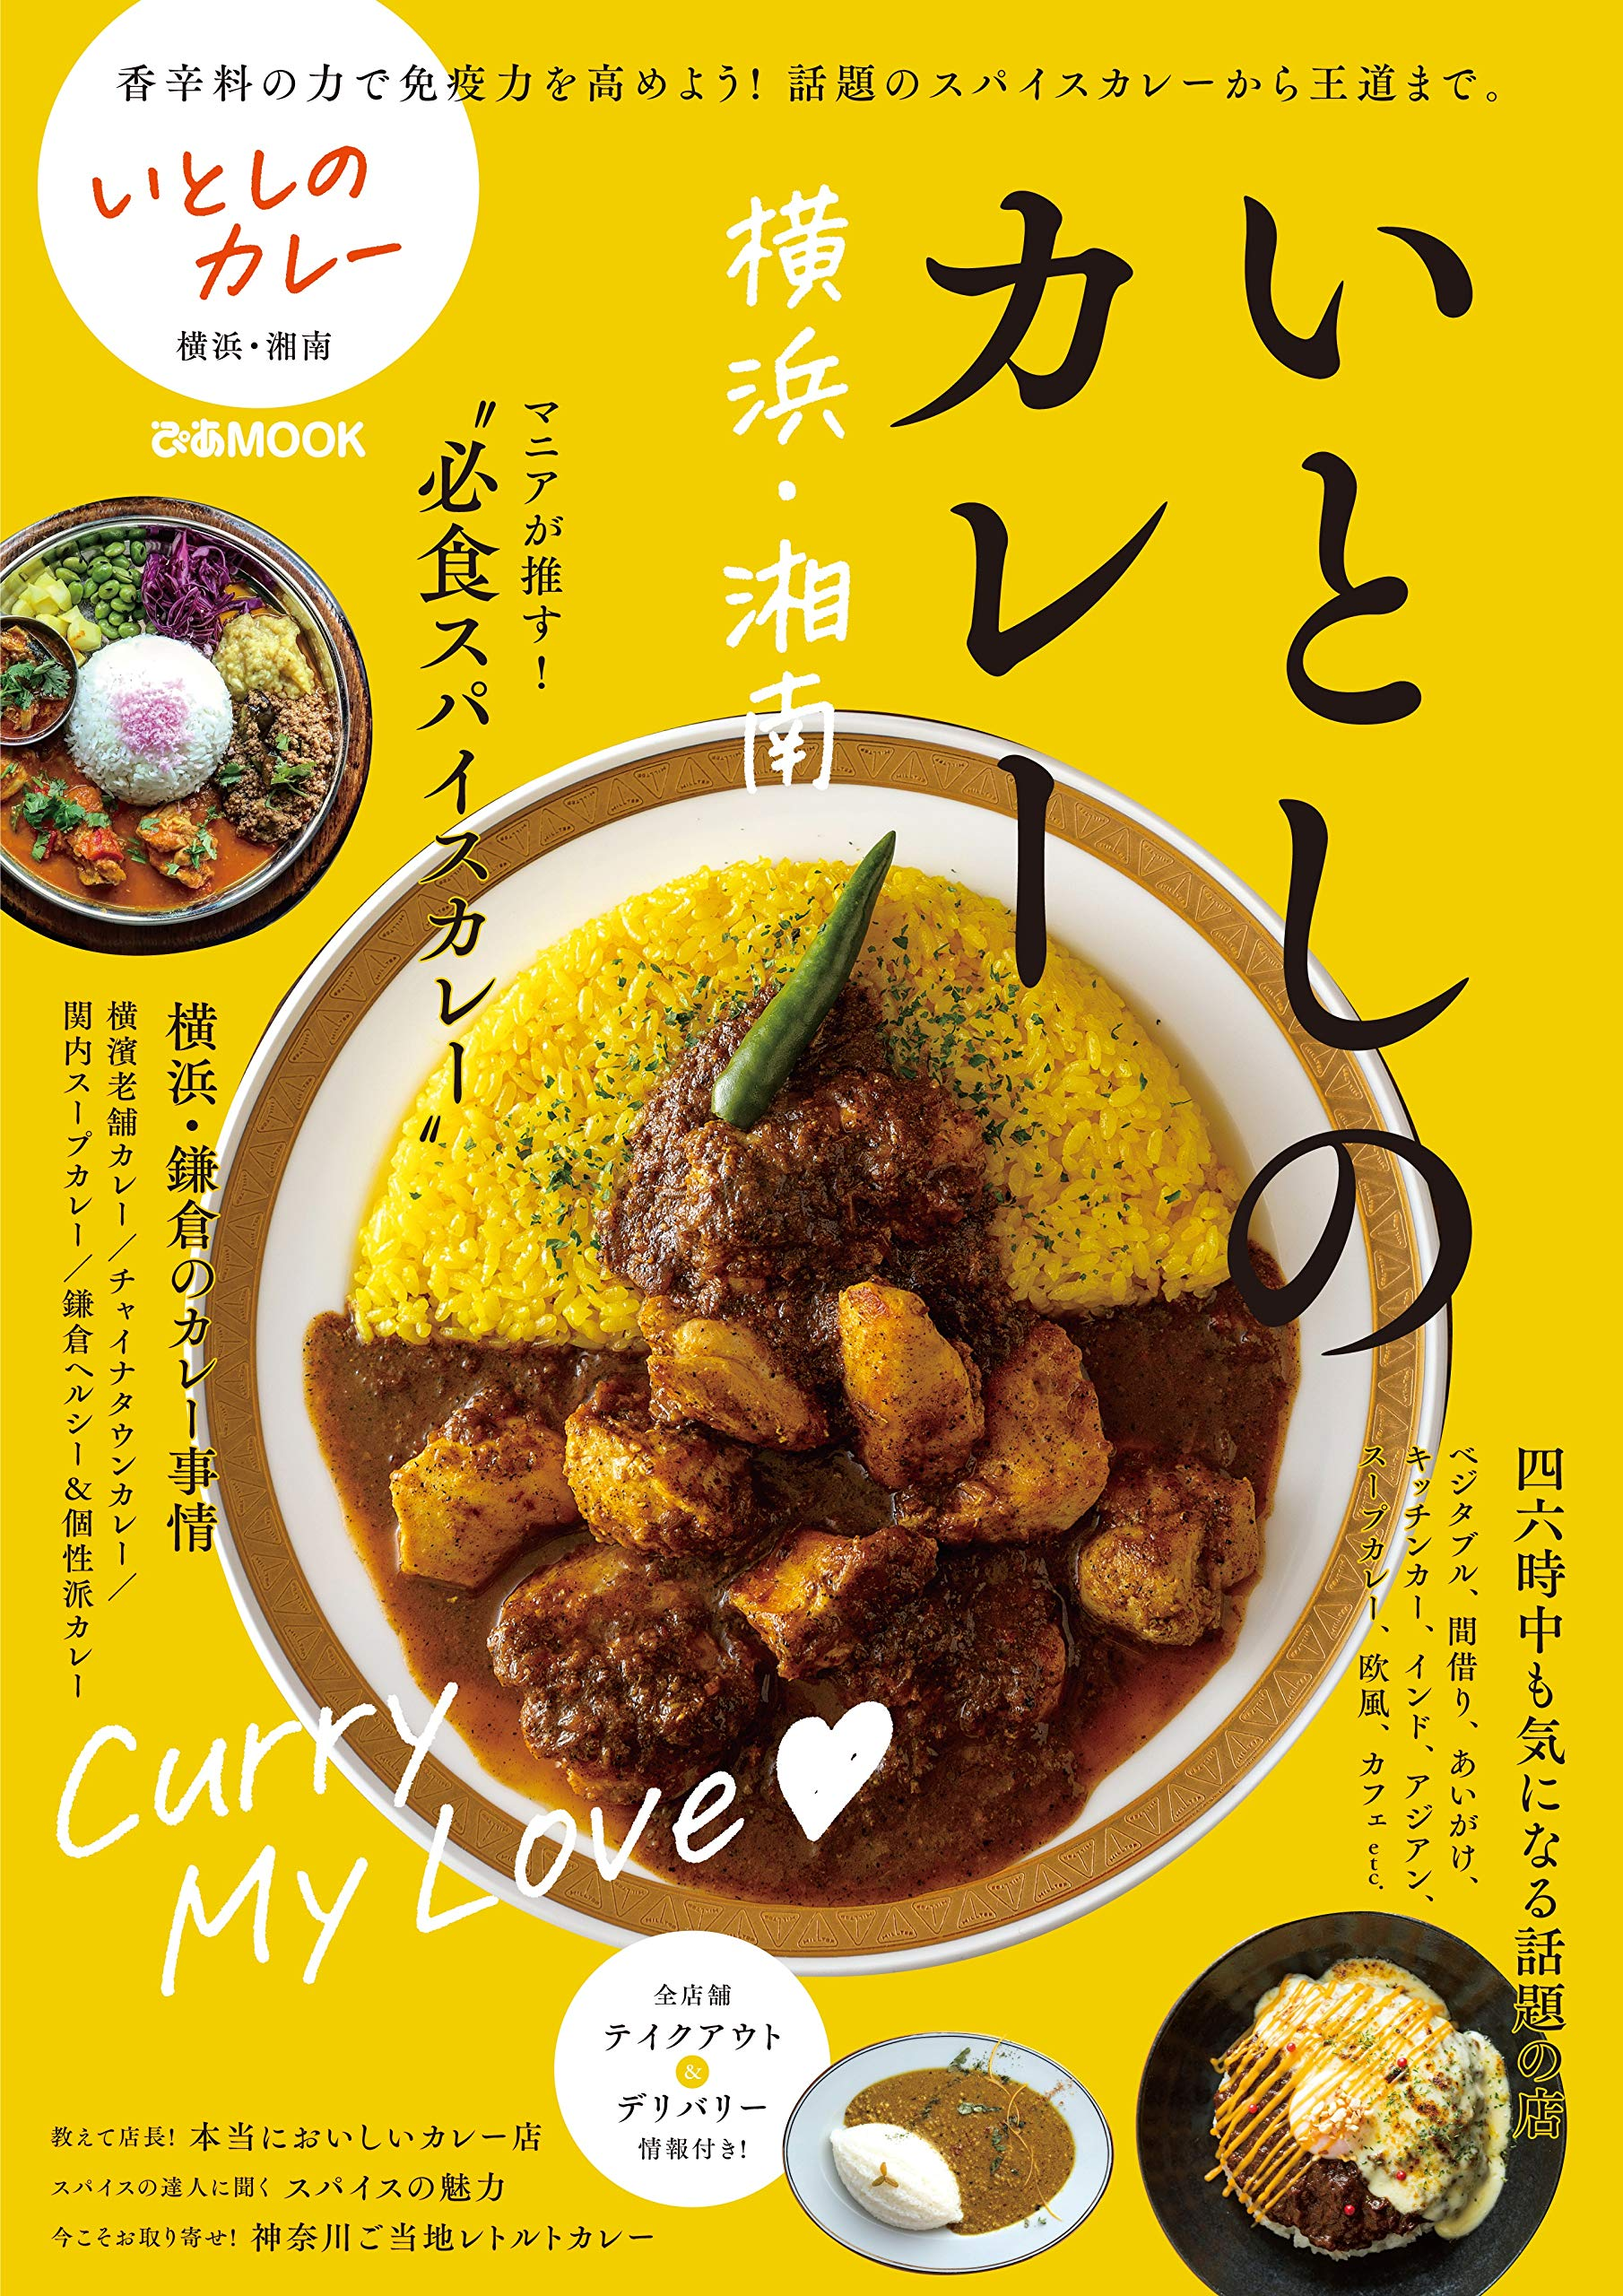 「いとしのカレー 横浜・湘南」 (ぴあ MOOK) に掲載されました。